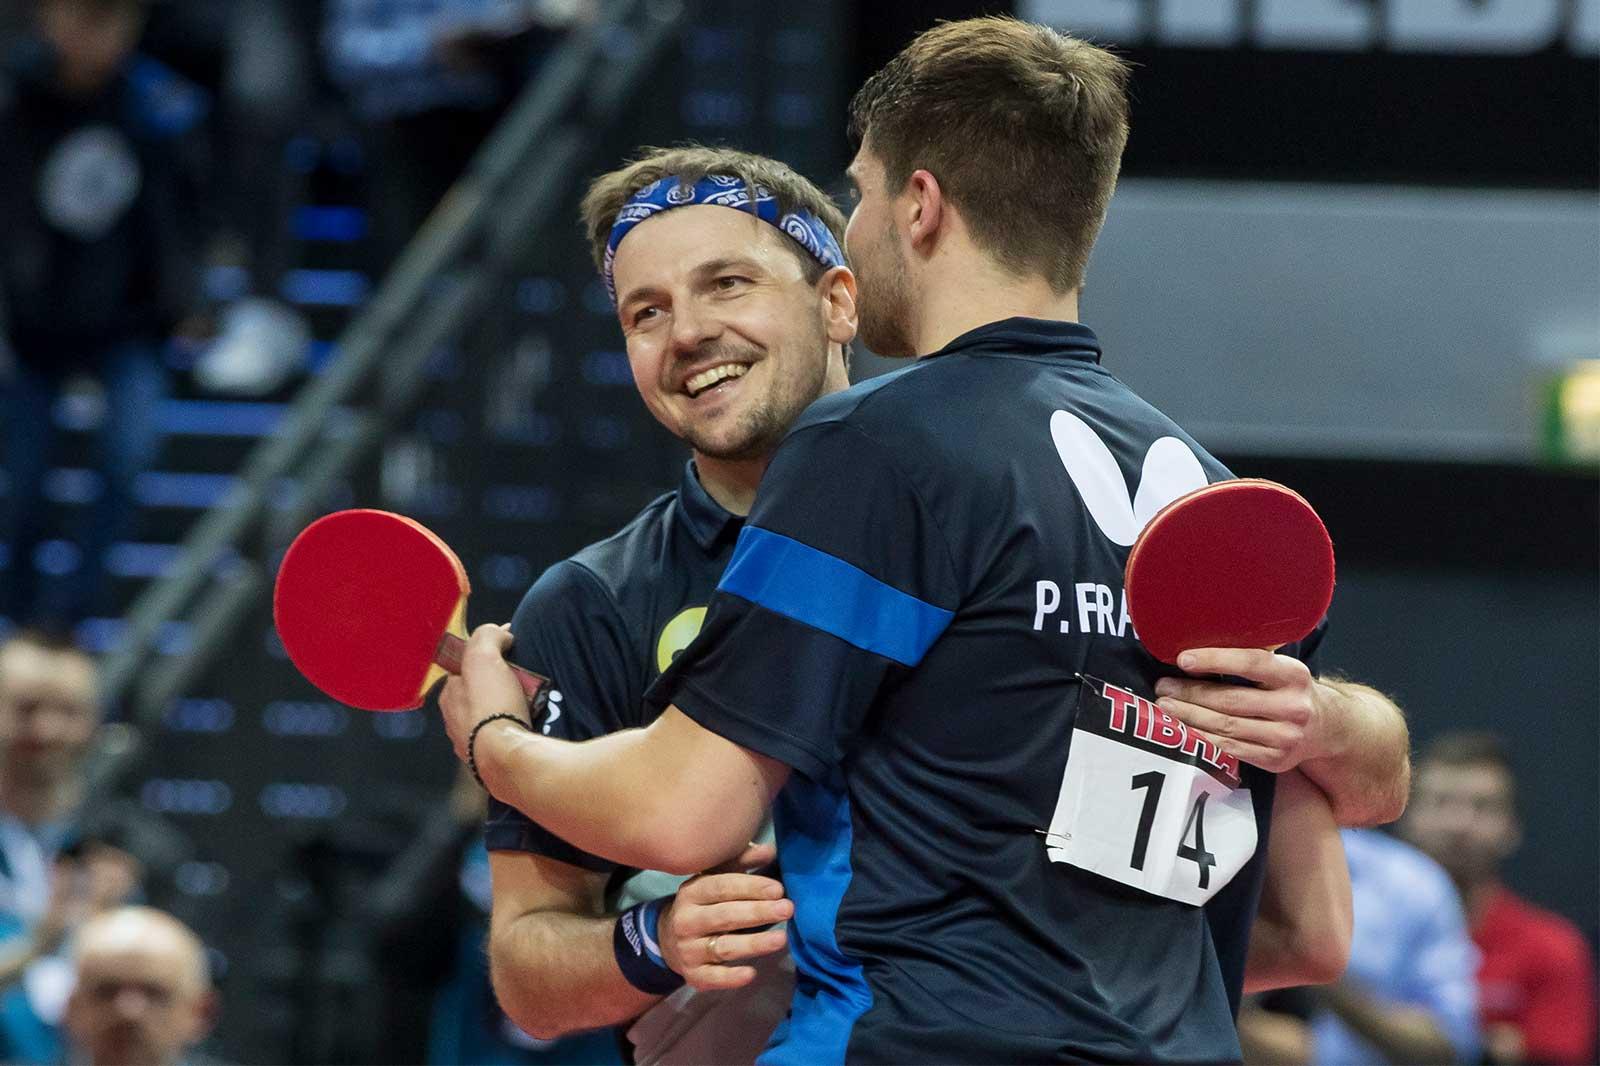 Nach Finale Einzel DM 2019 in Wetzlar (Foto: Marco Steinbrenner)